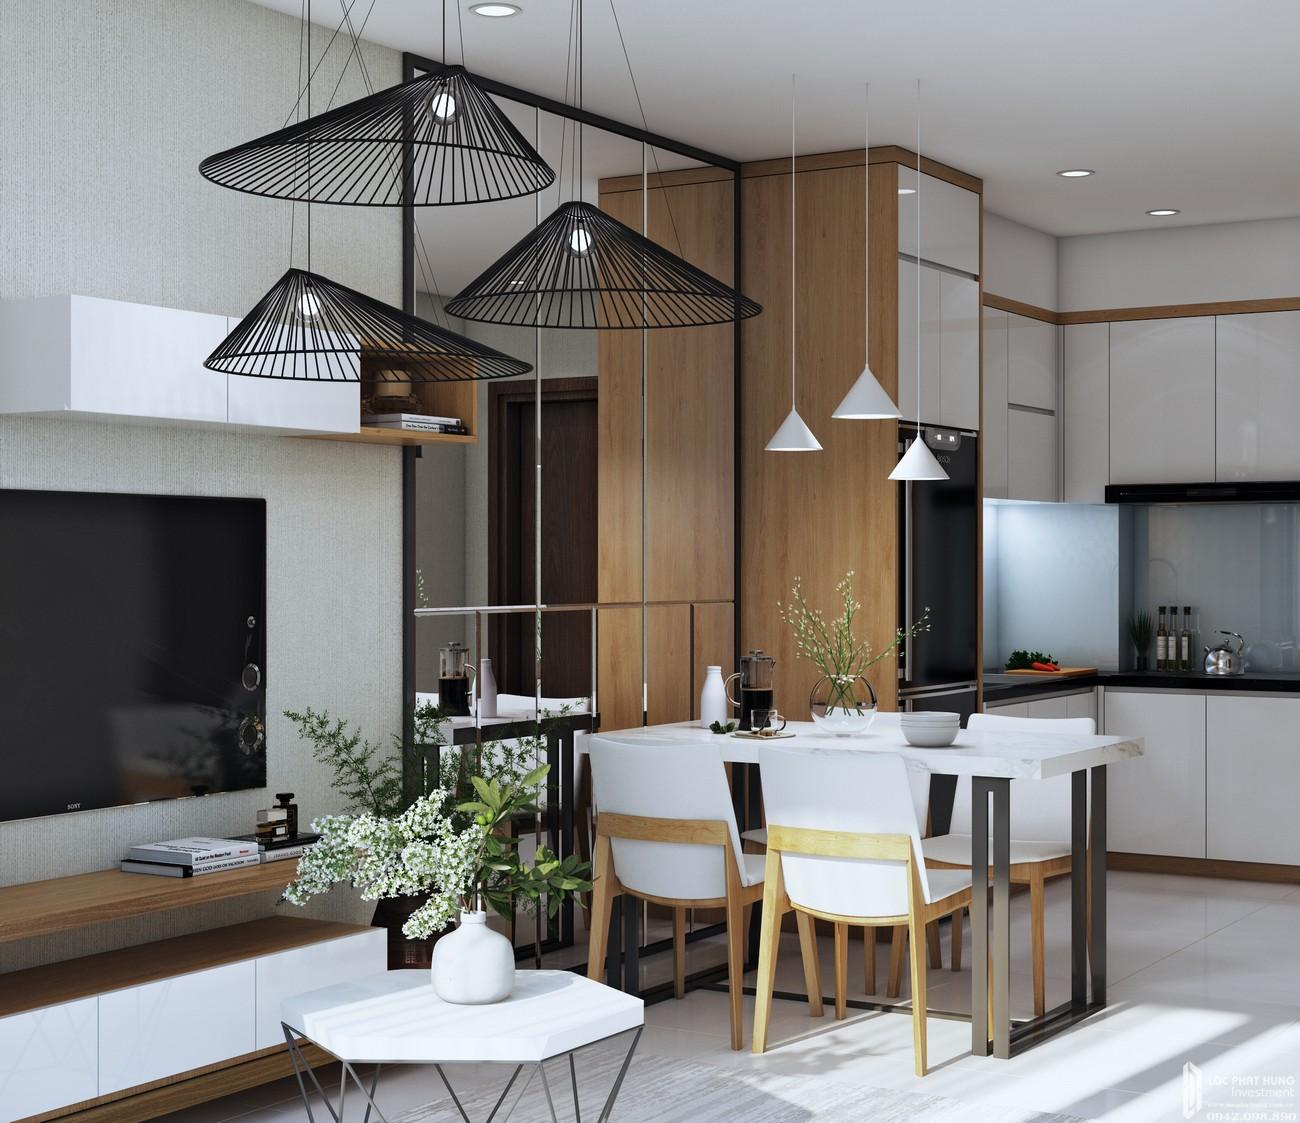 Nhà mẫu dự án Căn Hộ chung cư Bcons Green View Dĩ An Đường Quốc Lộ 1K chủ đầu tư BCONS